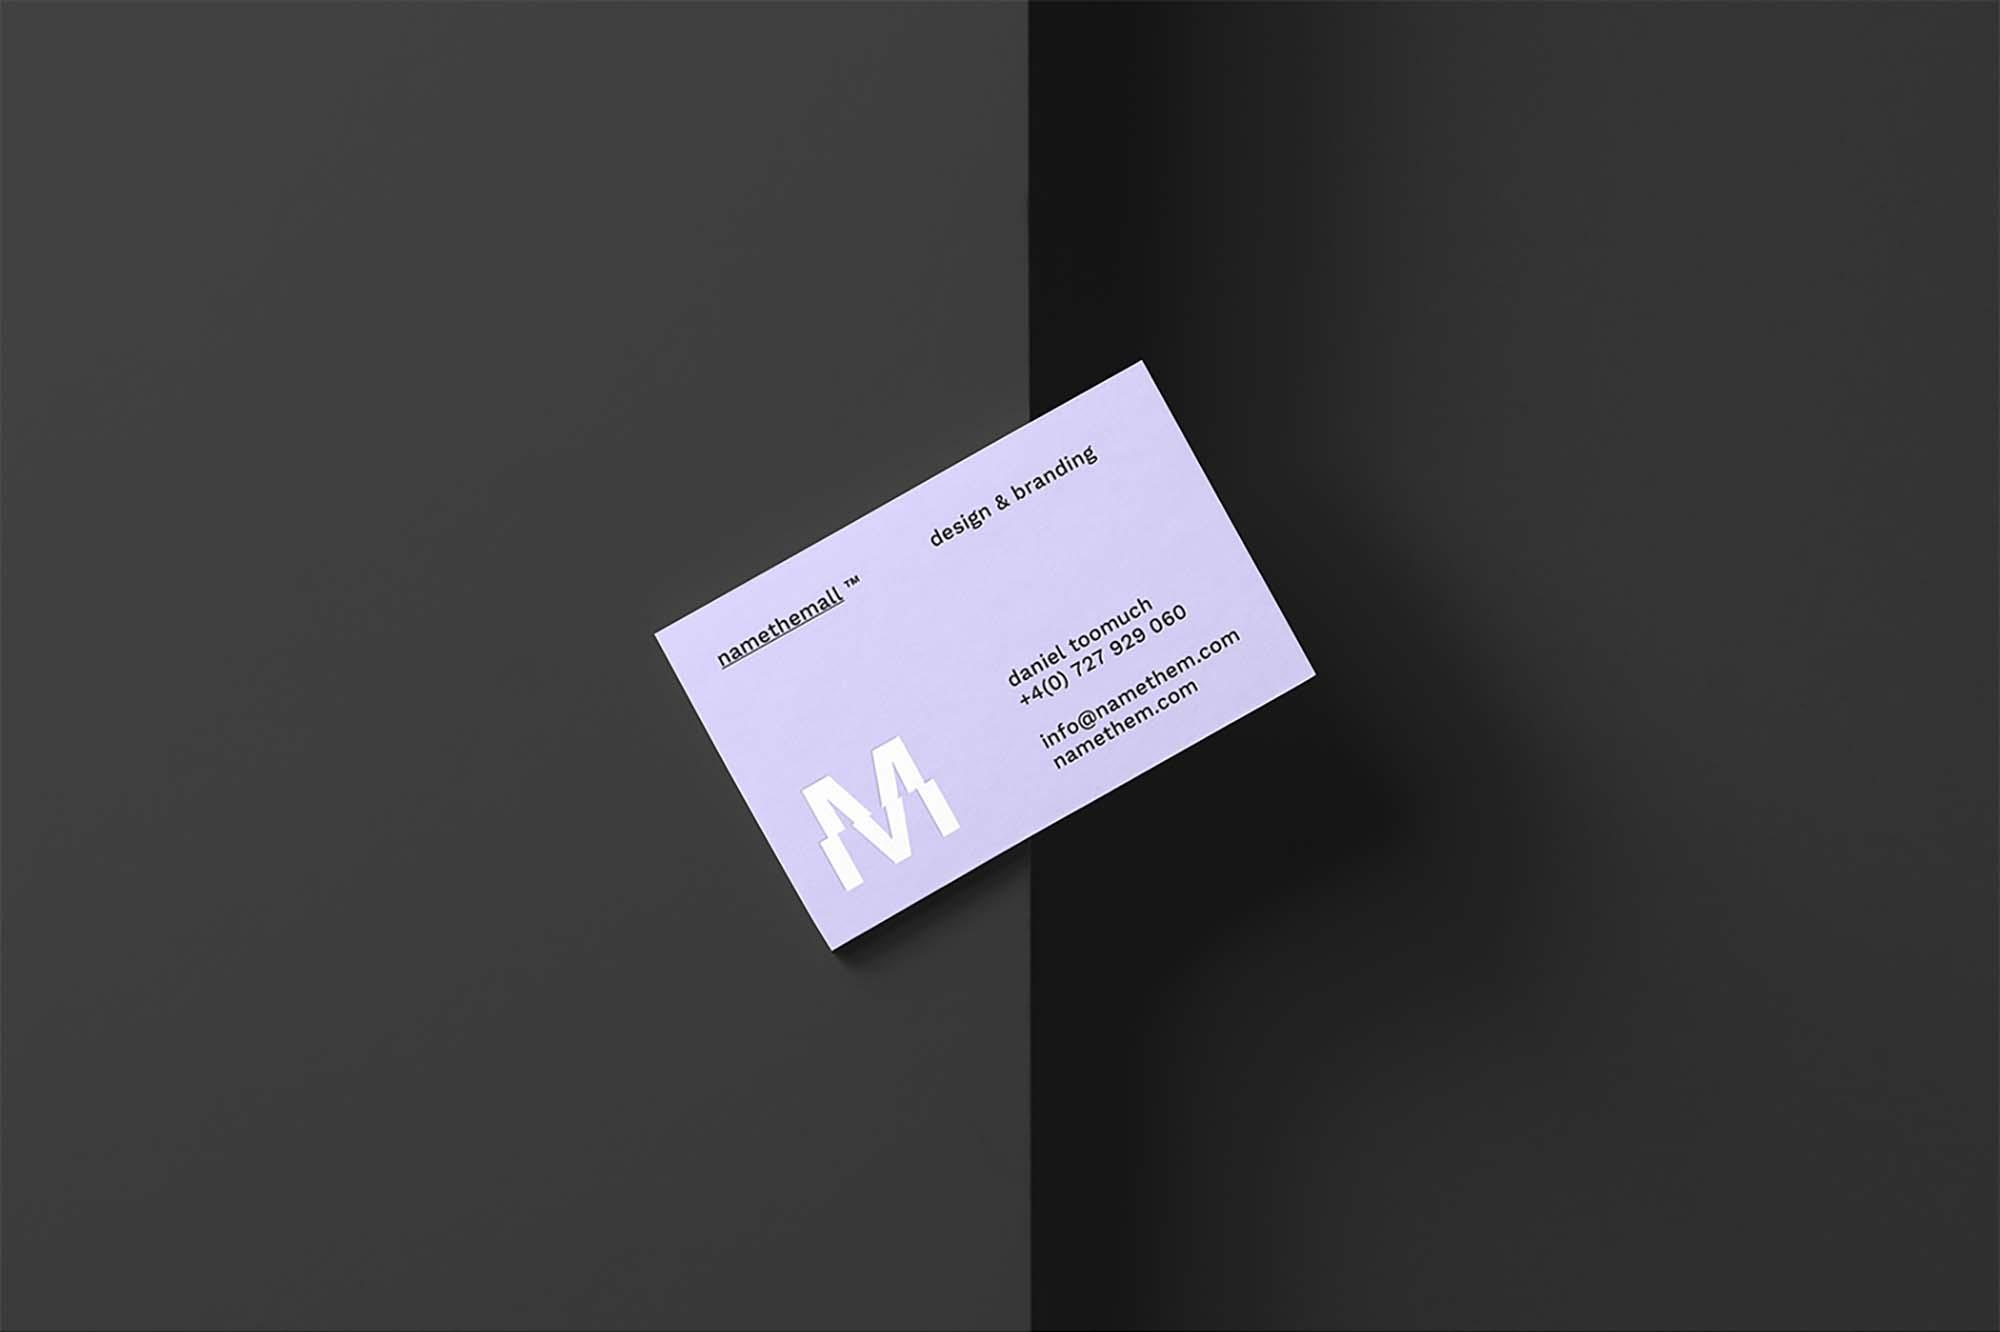 Diagonal Business Card Mockup